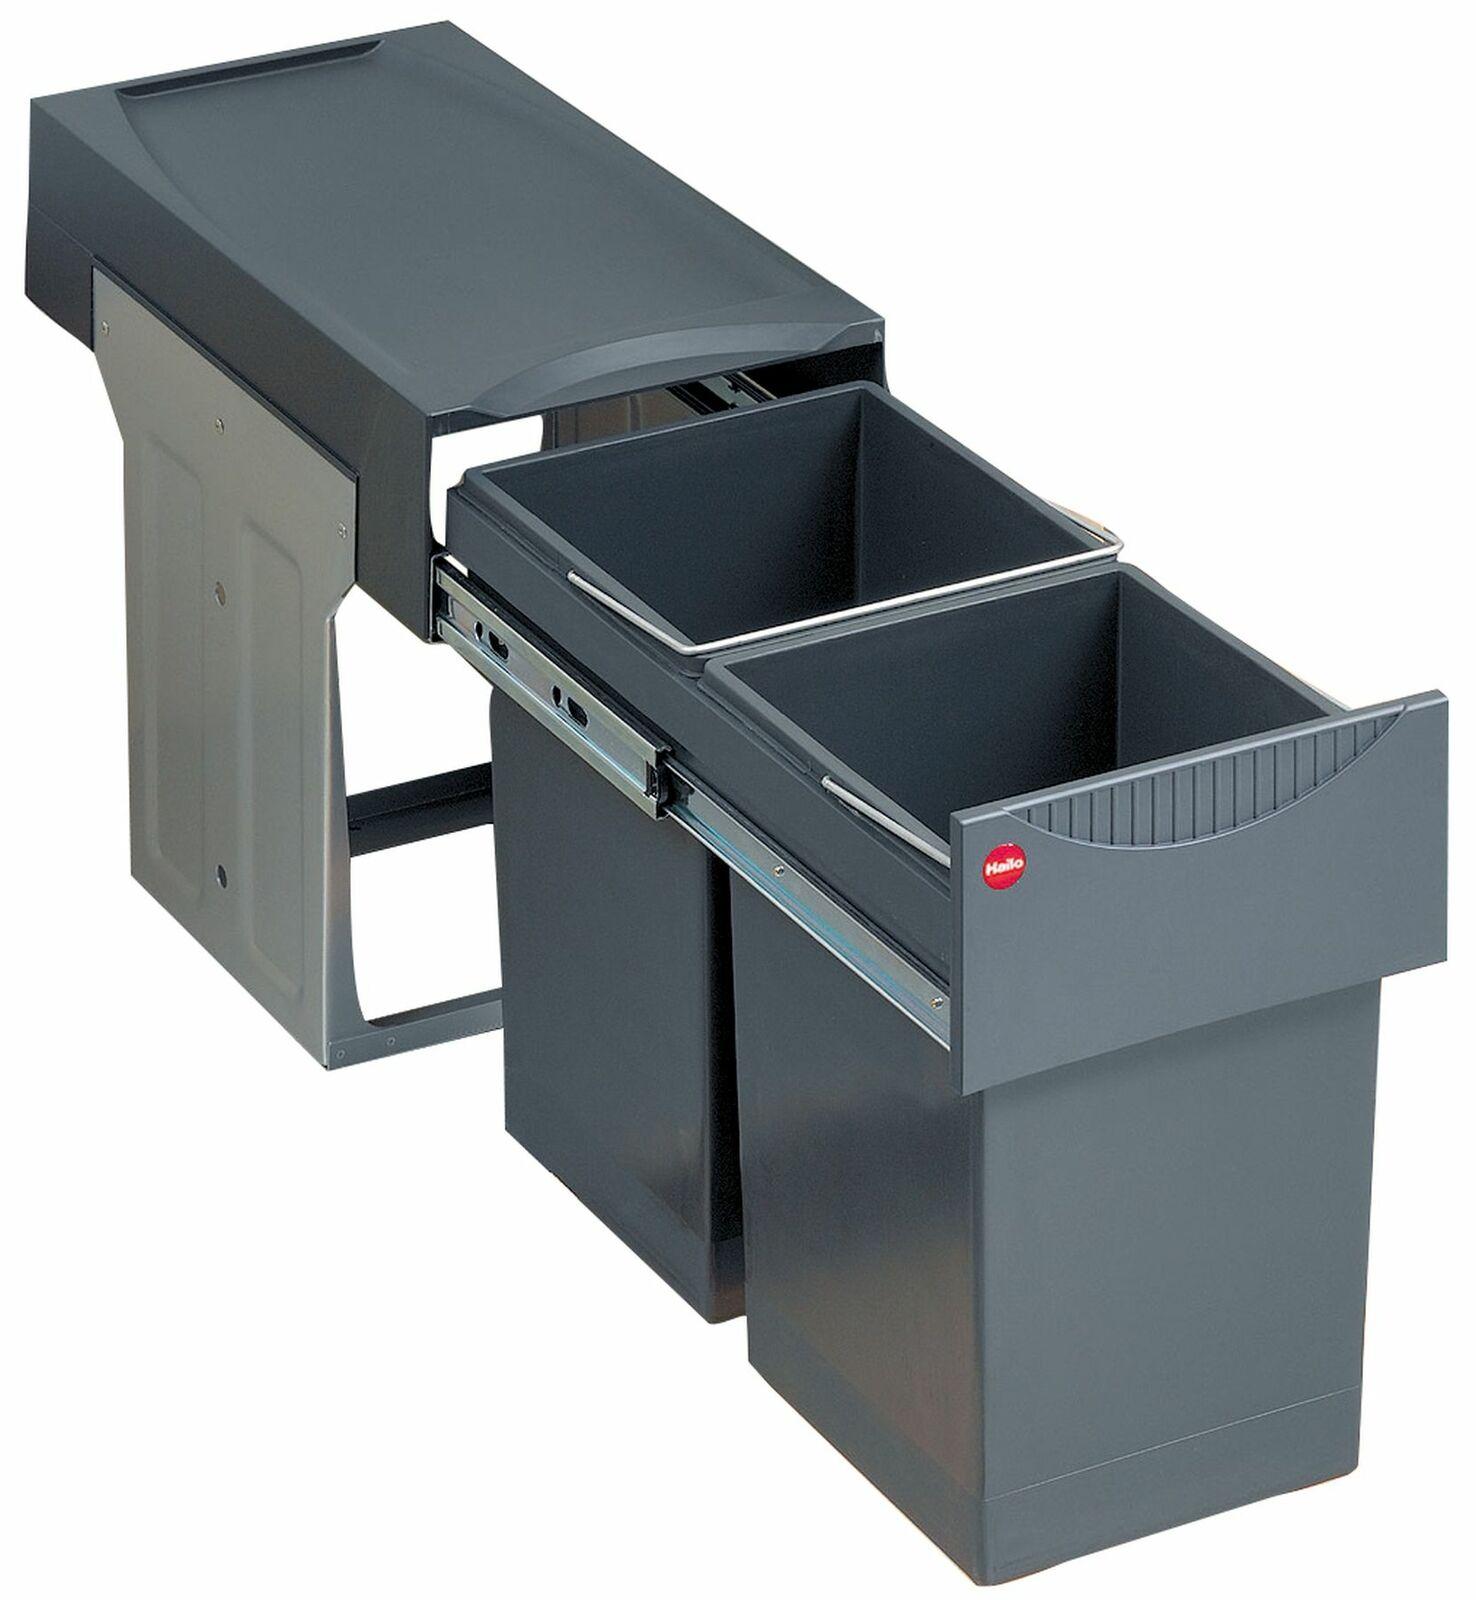 Mülleimer Abfalleimer Küche 2x15 Liter Hailo Müllsystem Mülltrennung *516117